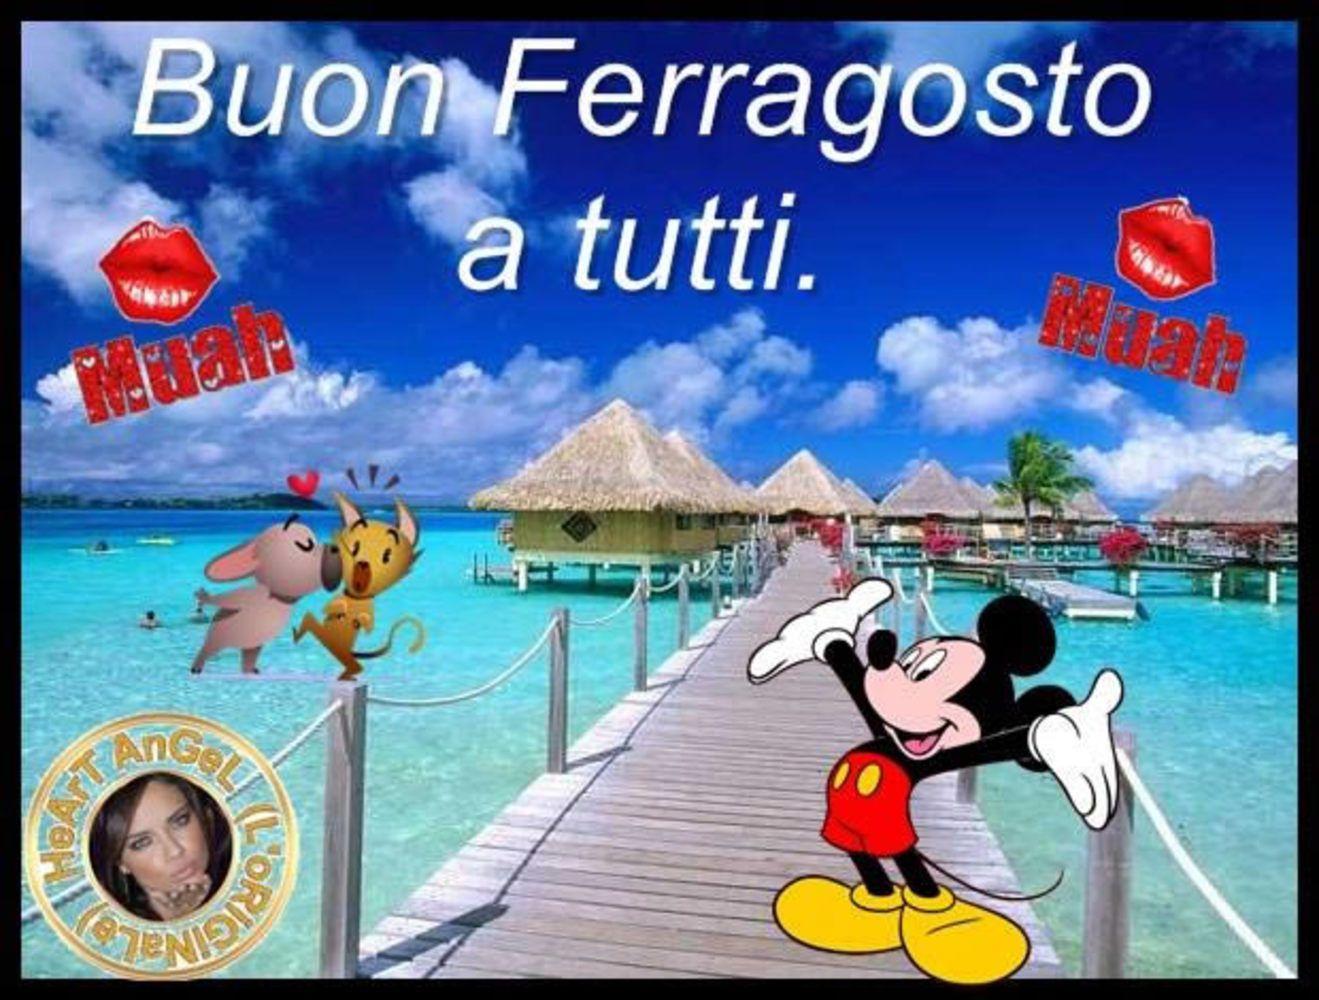 Immgini-Buon-Ferragosto-Nuove-Belle-per-Whatsapp-66